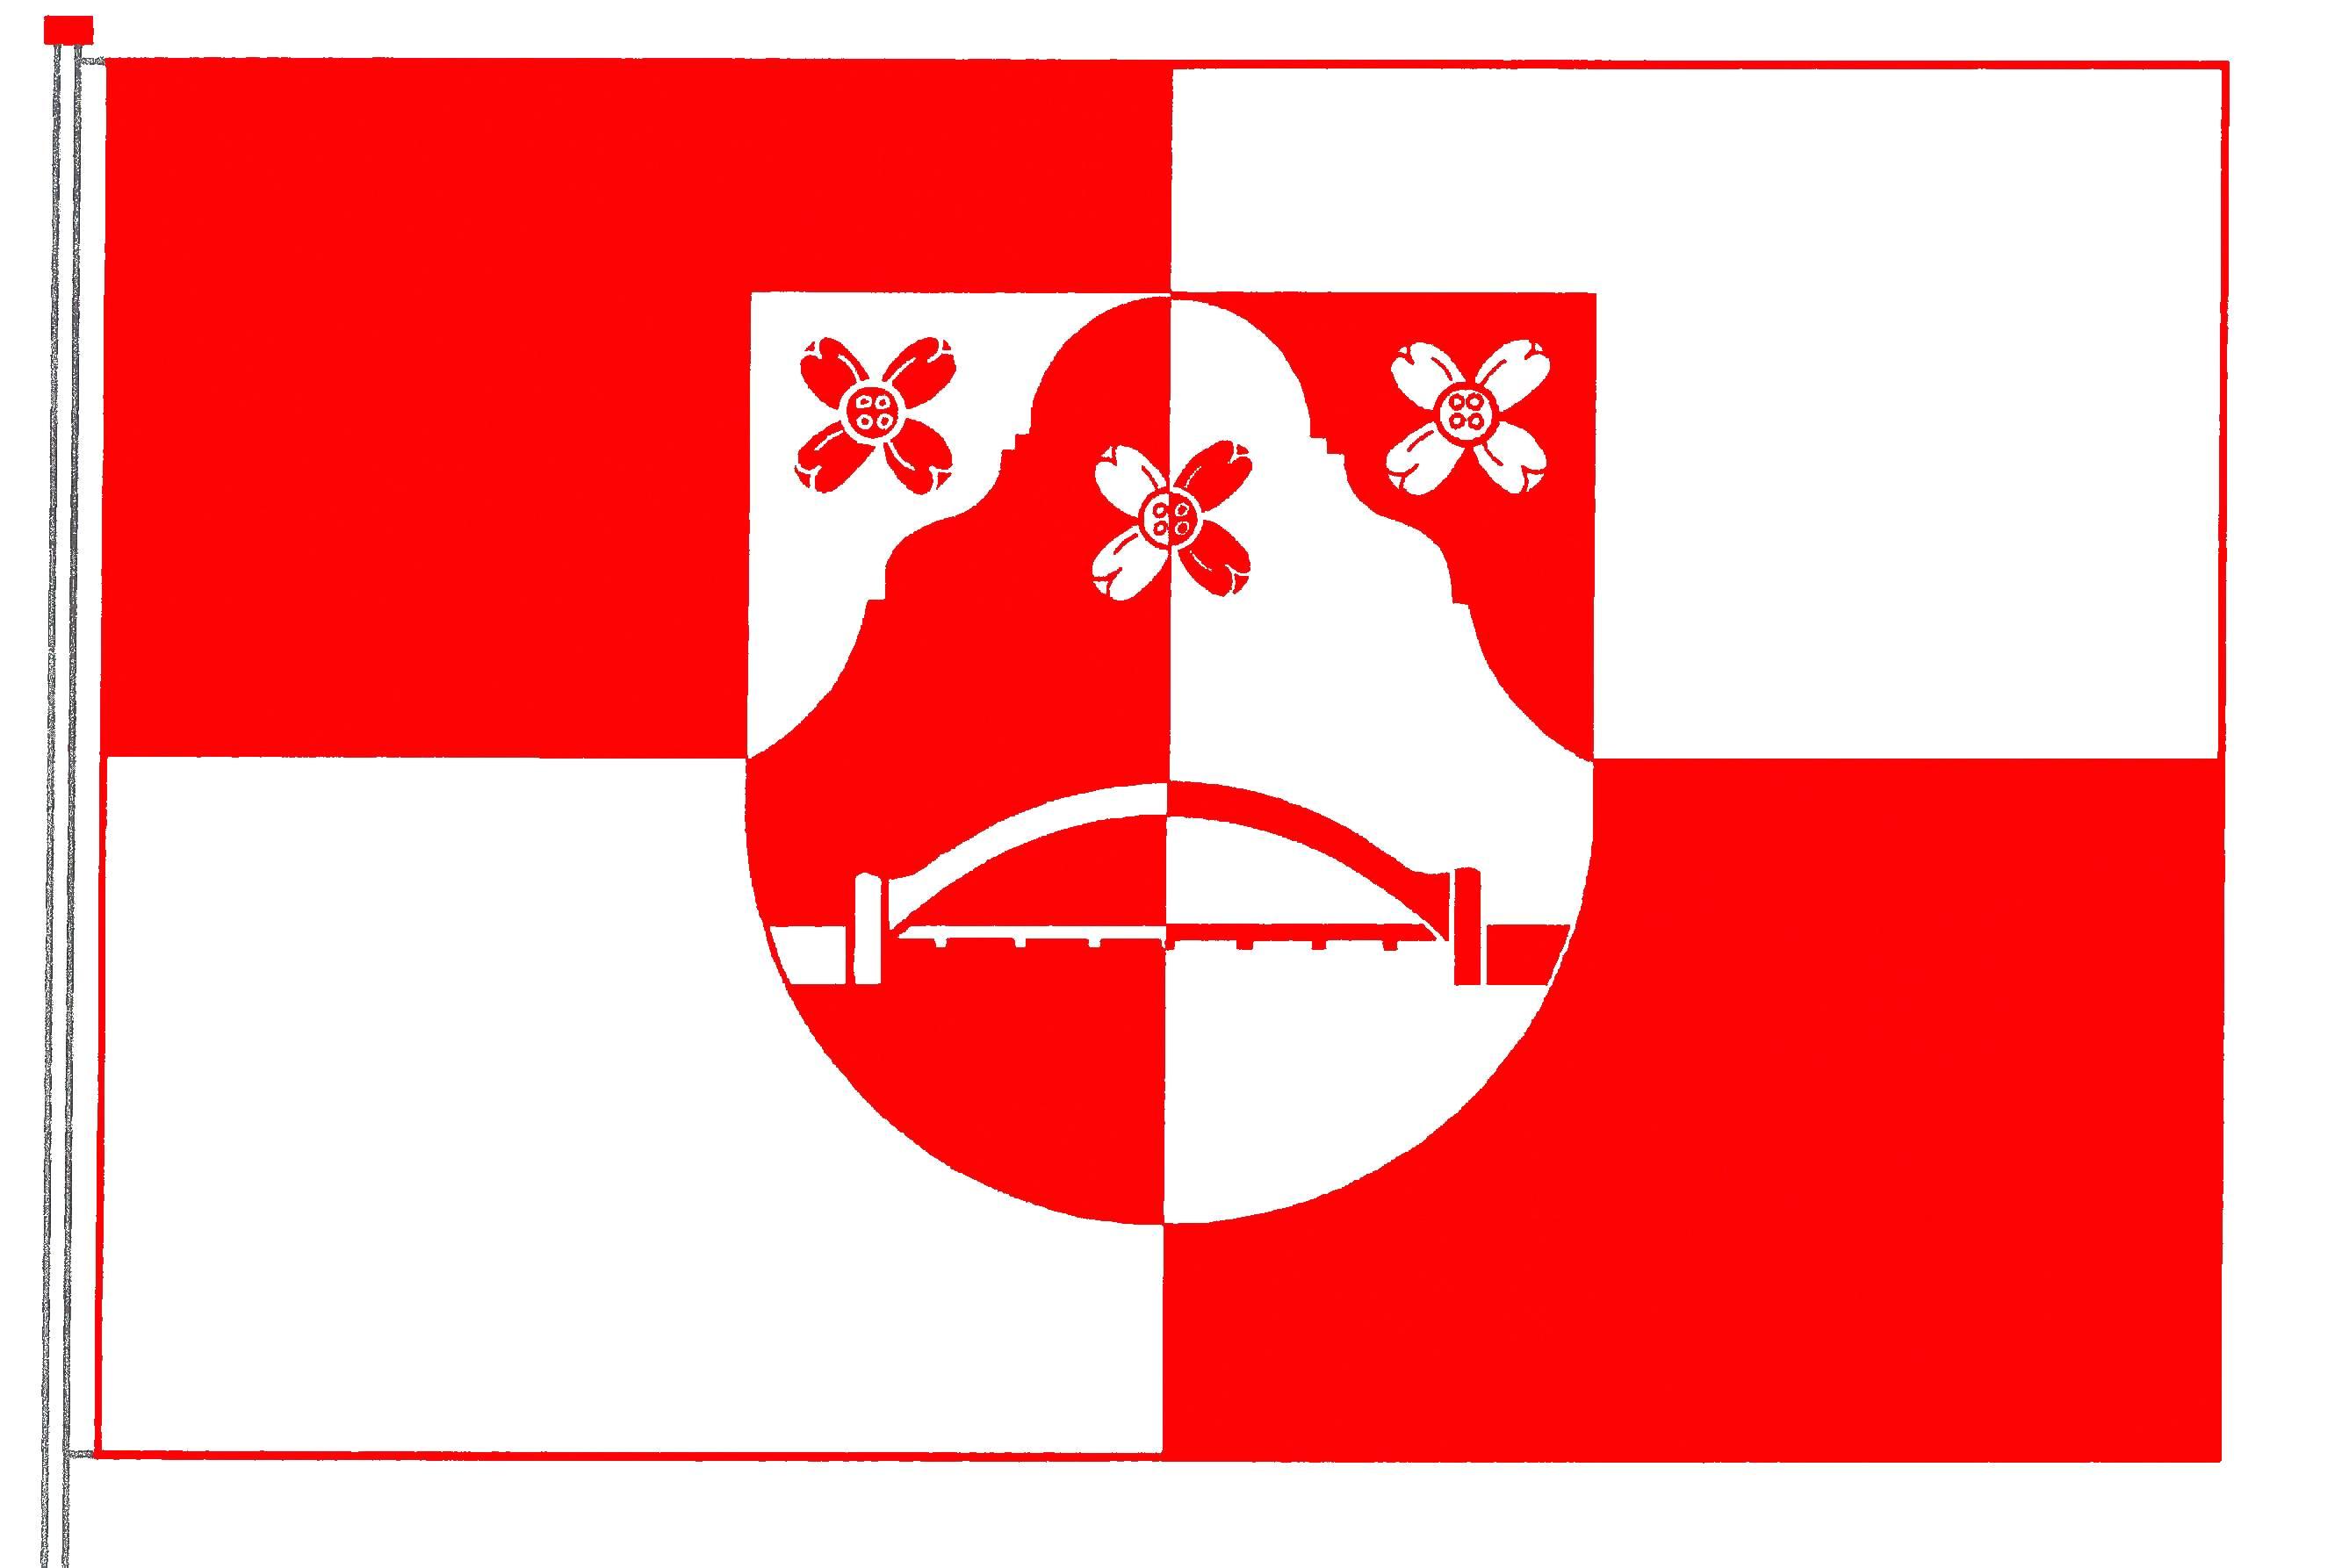 Flagge GemeindeRastorf, Kreis Plön